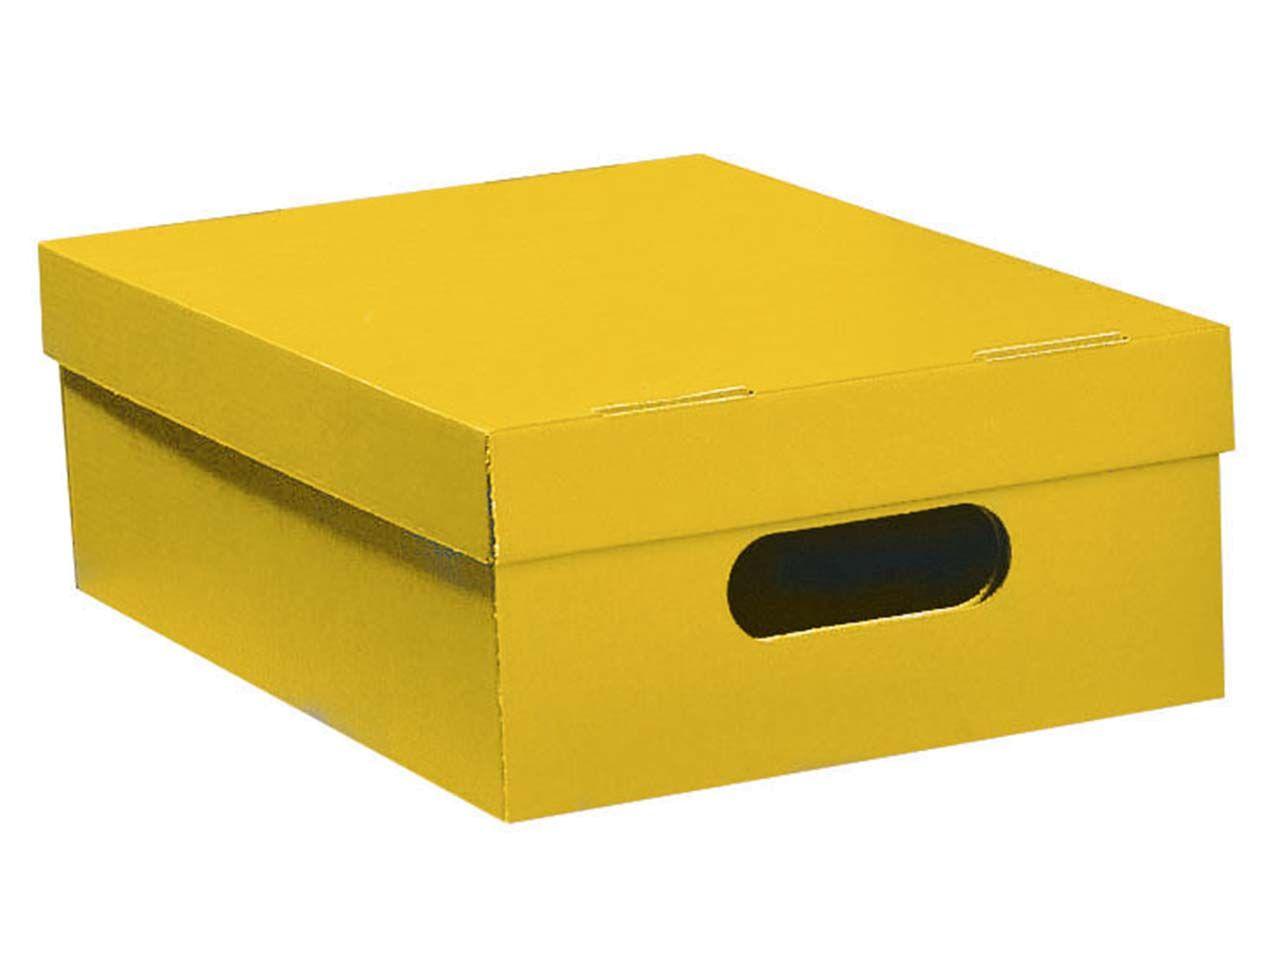 Stülpkiste gelb klein 7049gelb